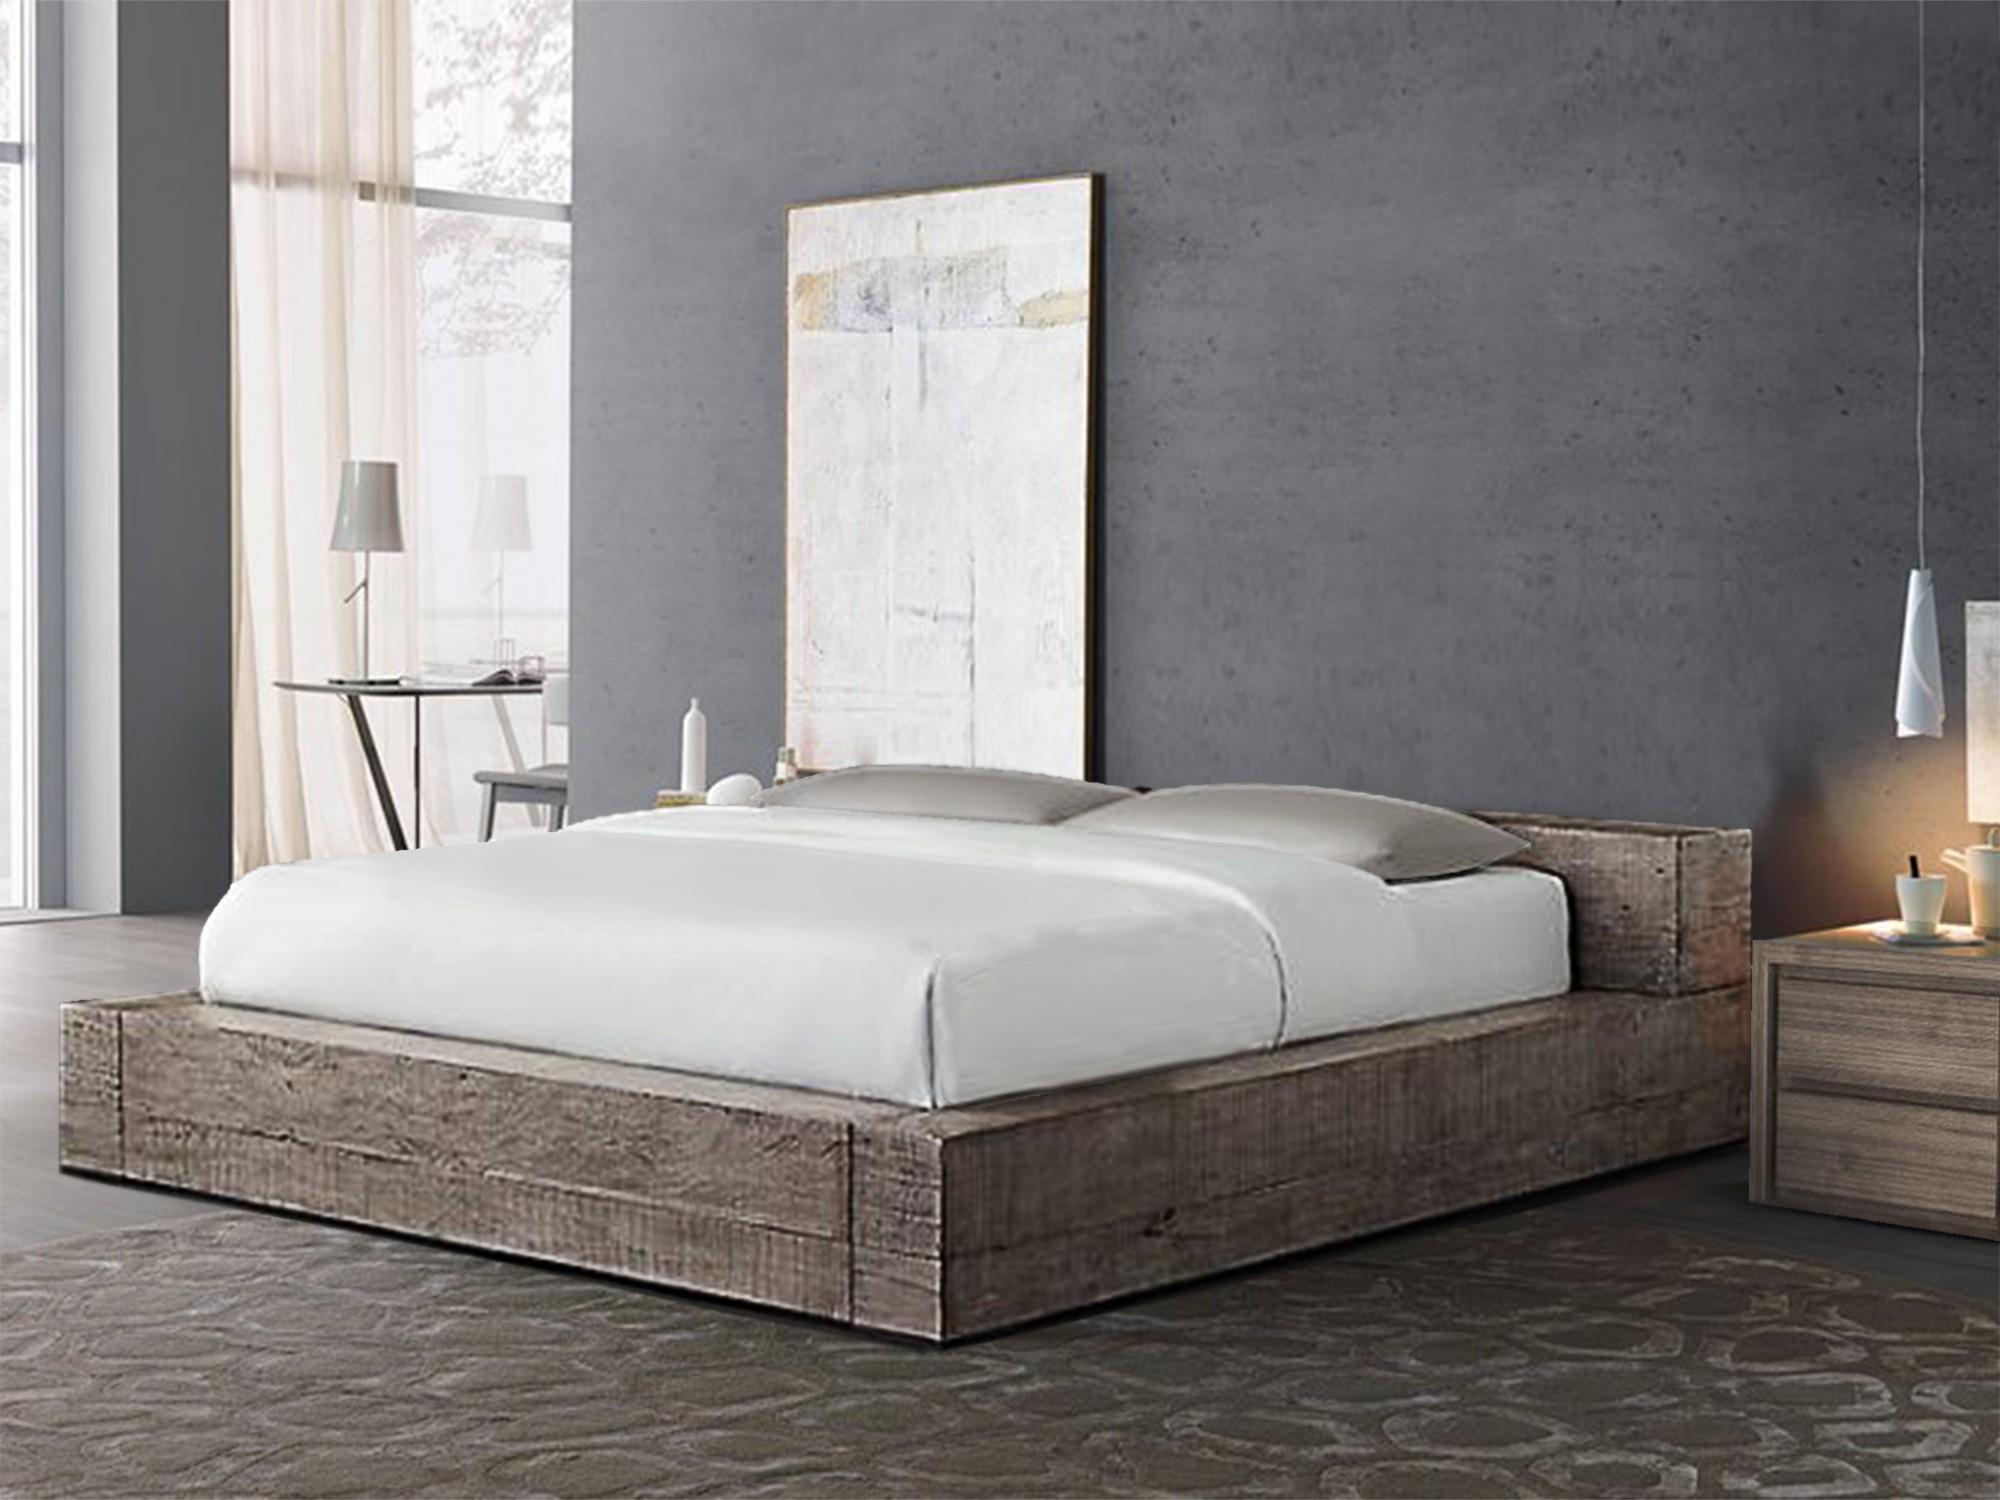 Pegasus Luxury Wooden Bed   Bespoke Bed   Hadley Rose